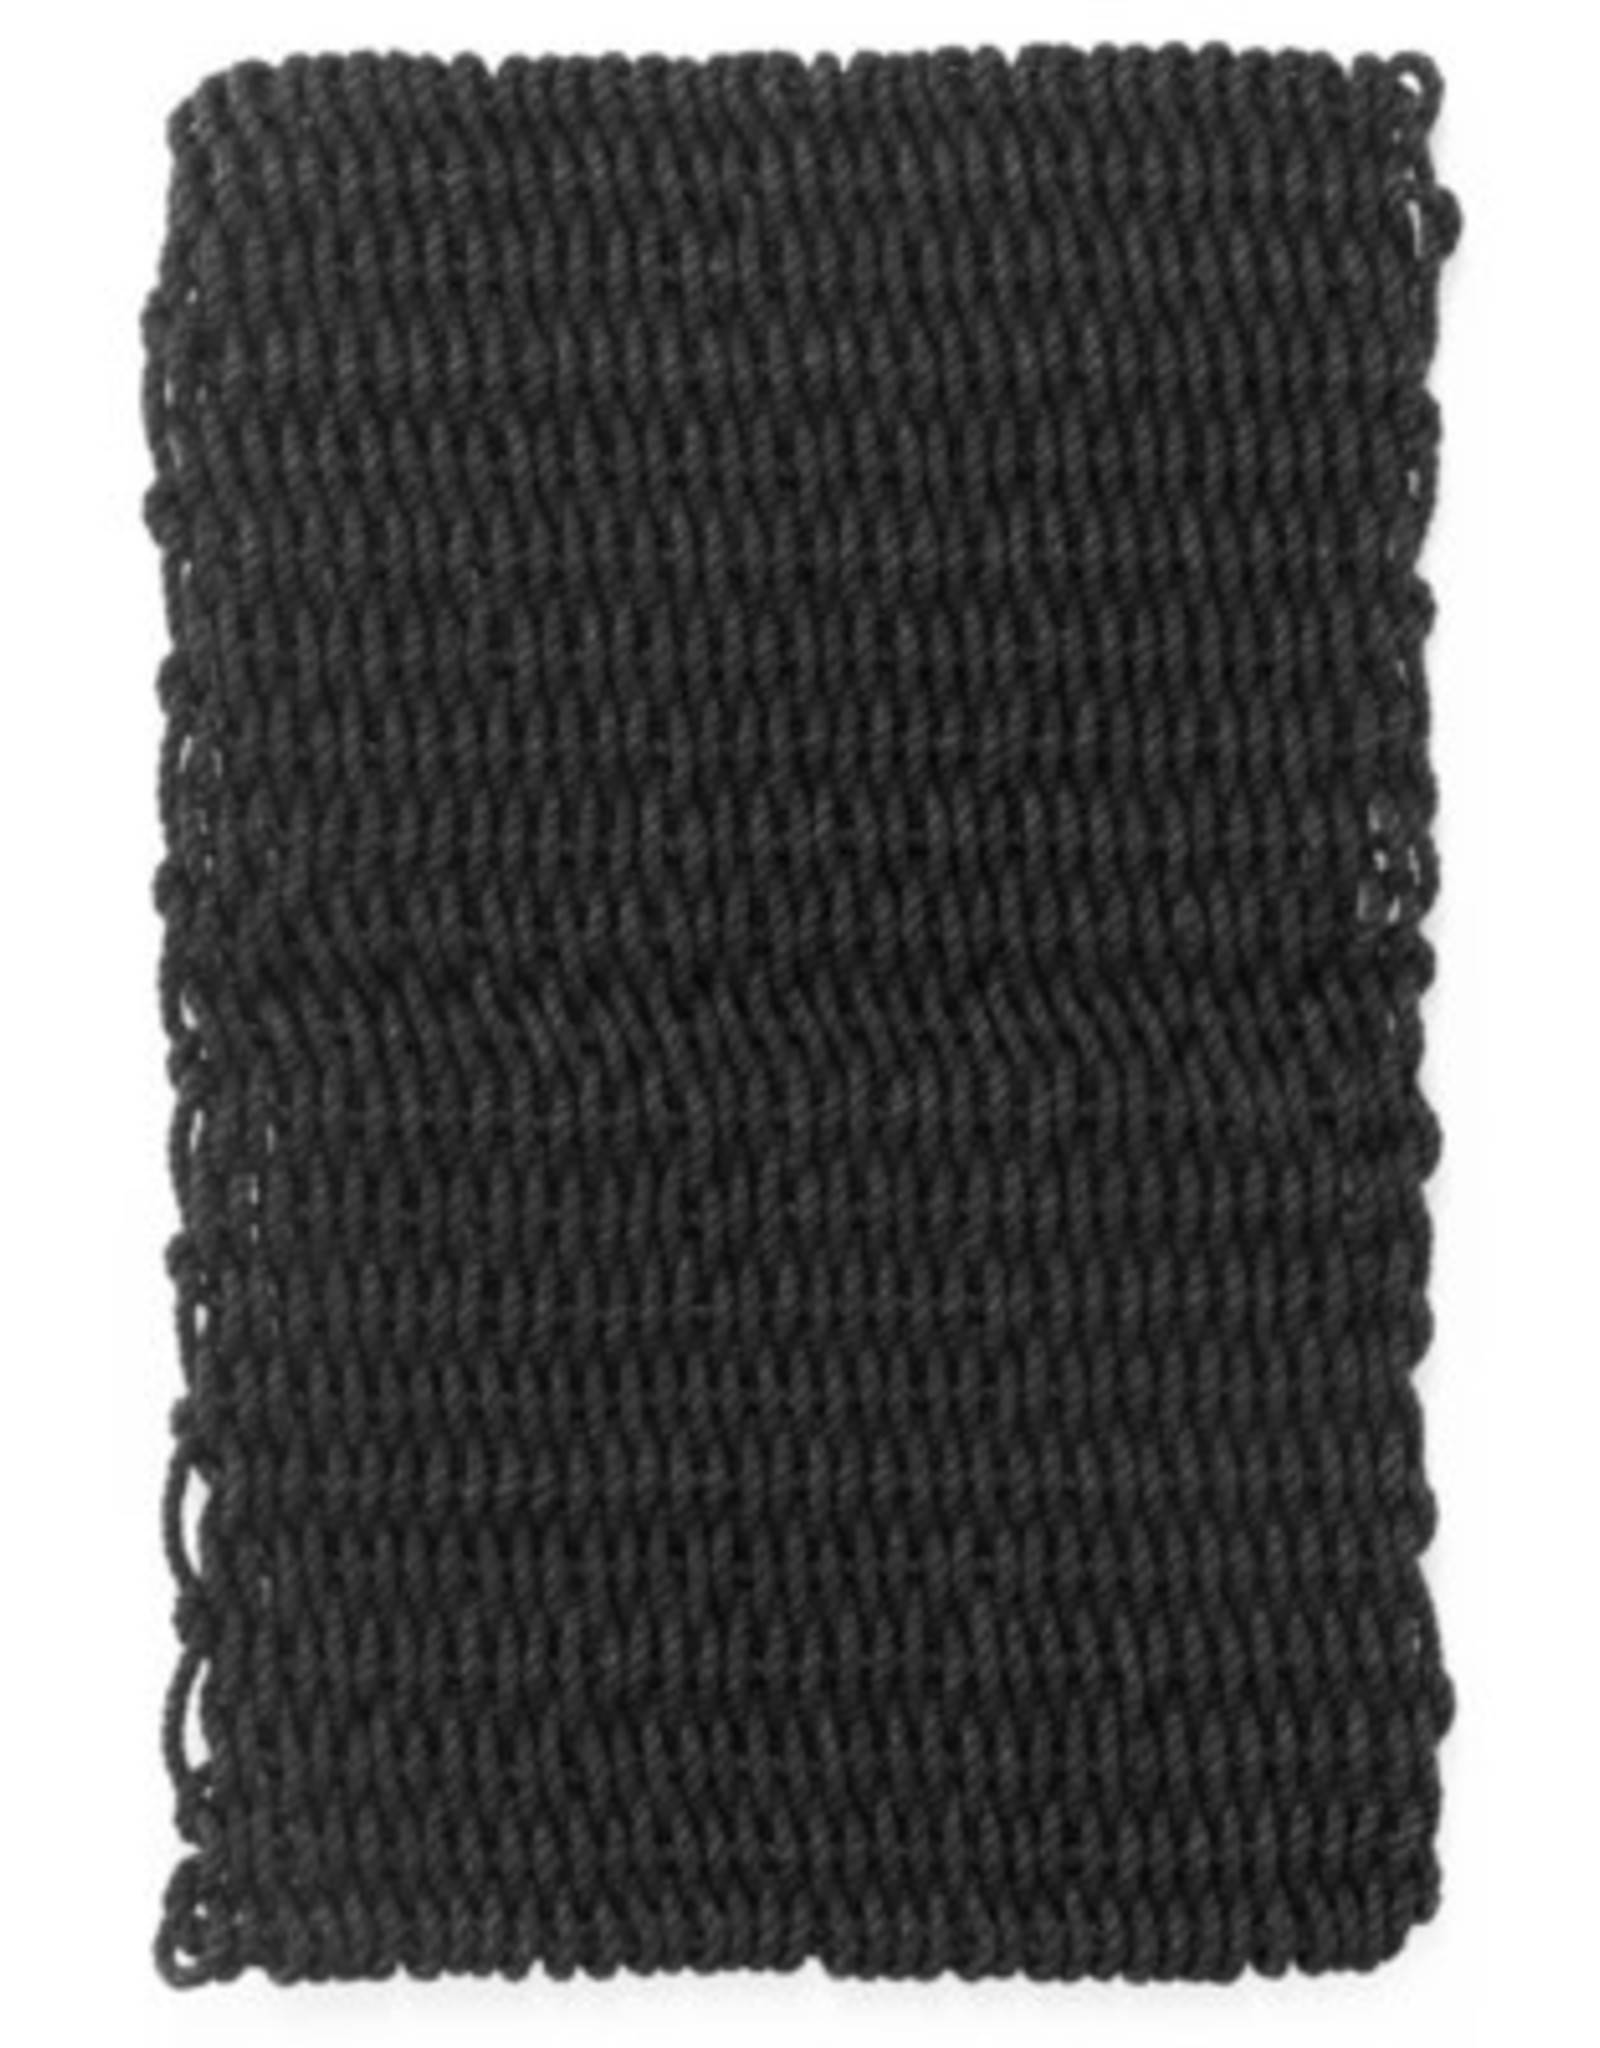 Rugs Outdoor PE Rope Black 48 x 24